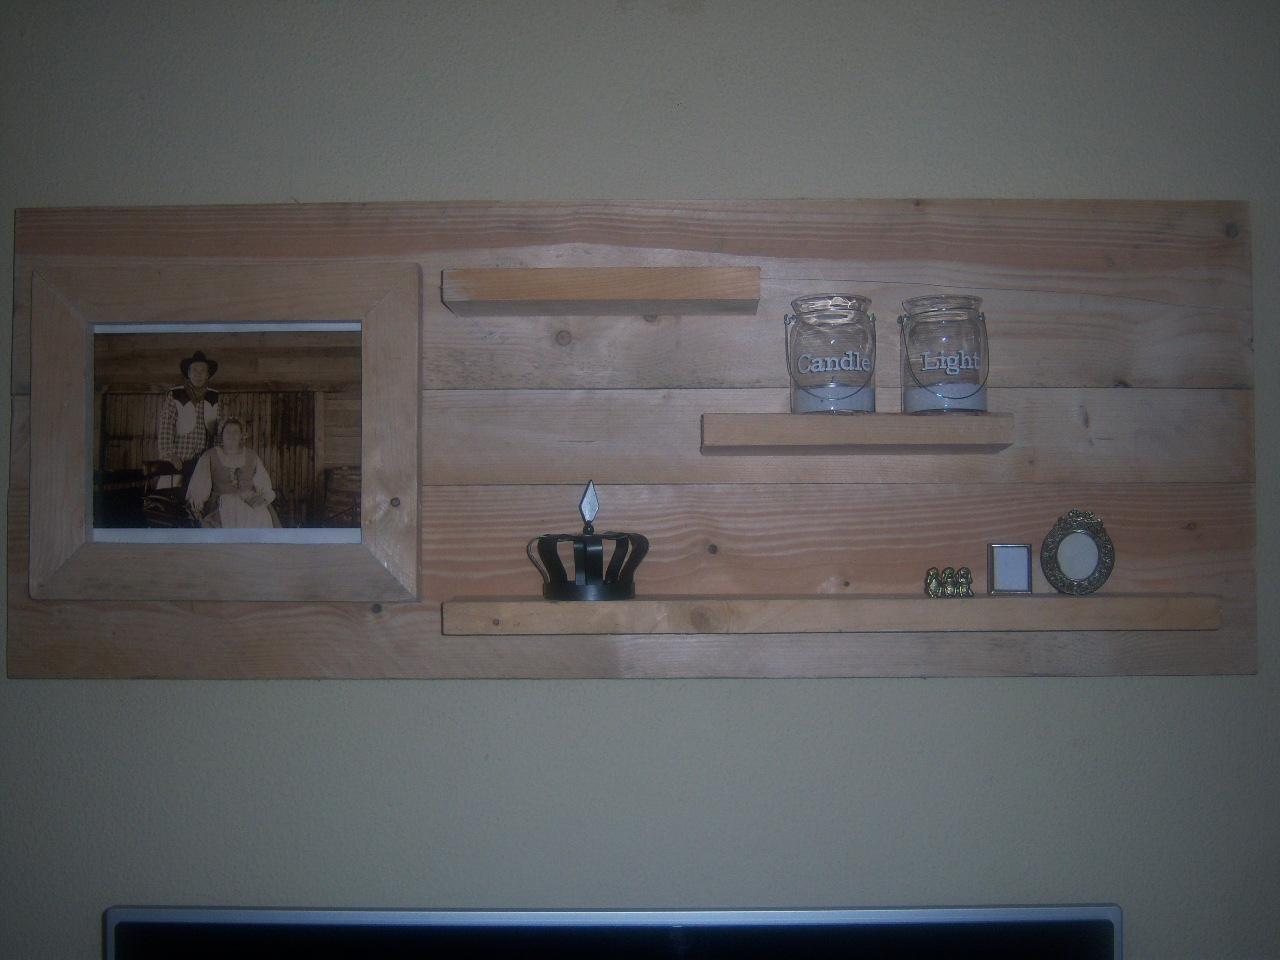 wanddecoratiebord met fotolijst